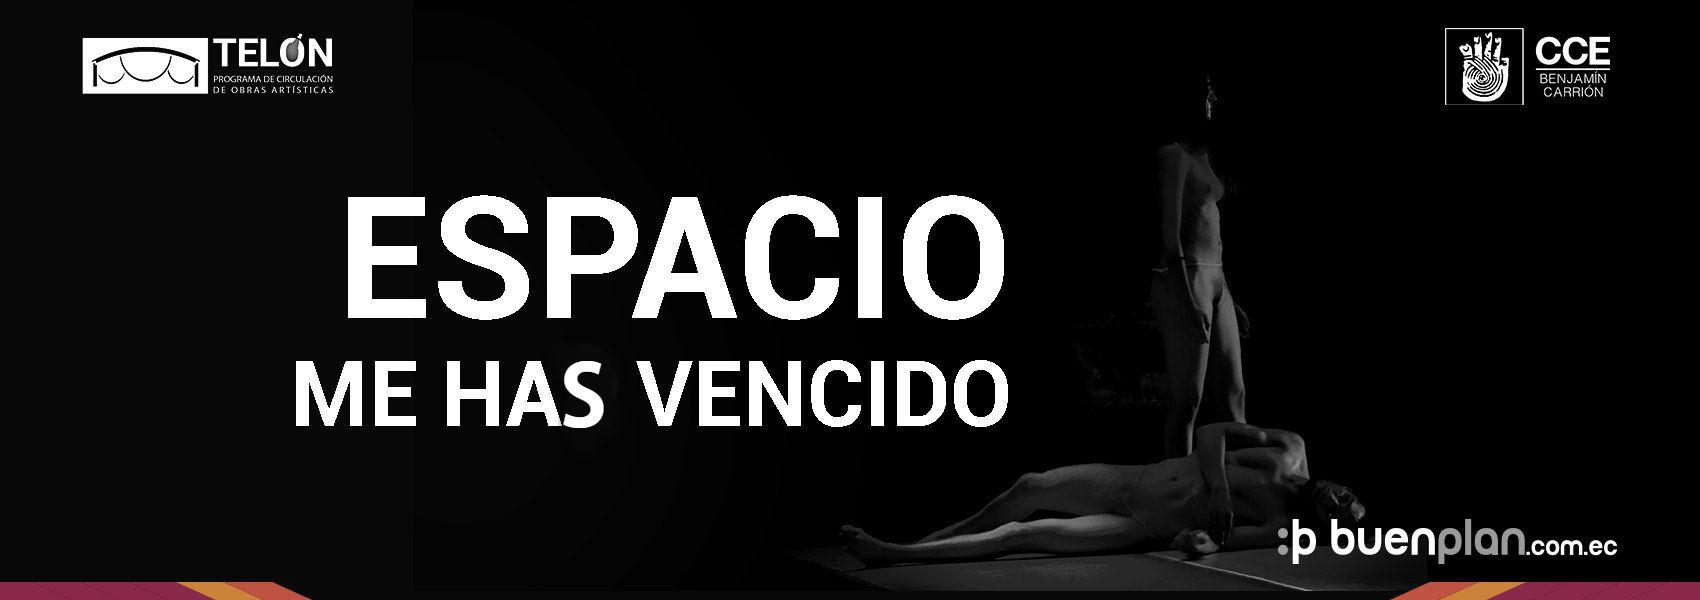 Espacio me has Vencido - 20 de Diciembre en Quito, BuenPlan